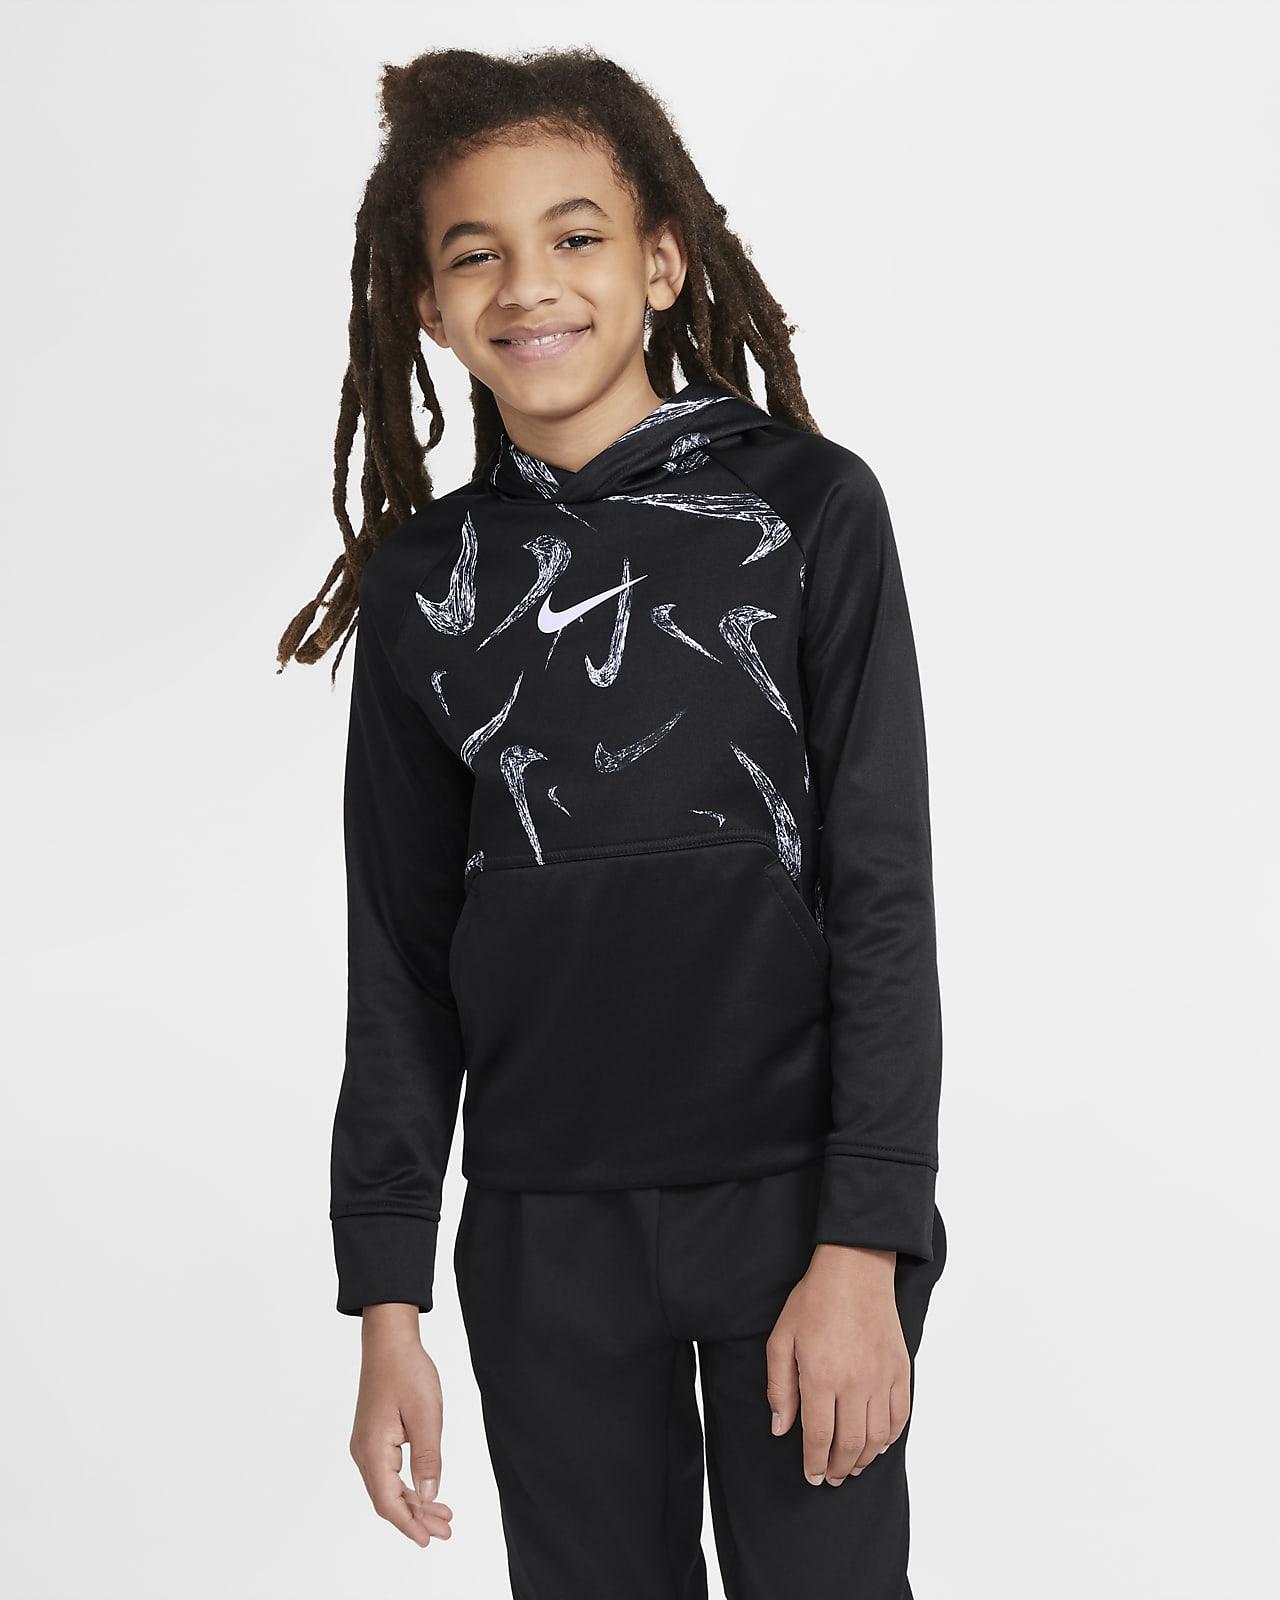 Sudadera con capucha sin cierre de entrenamiento estampada para niños talla grande Nike Therma